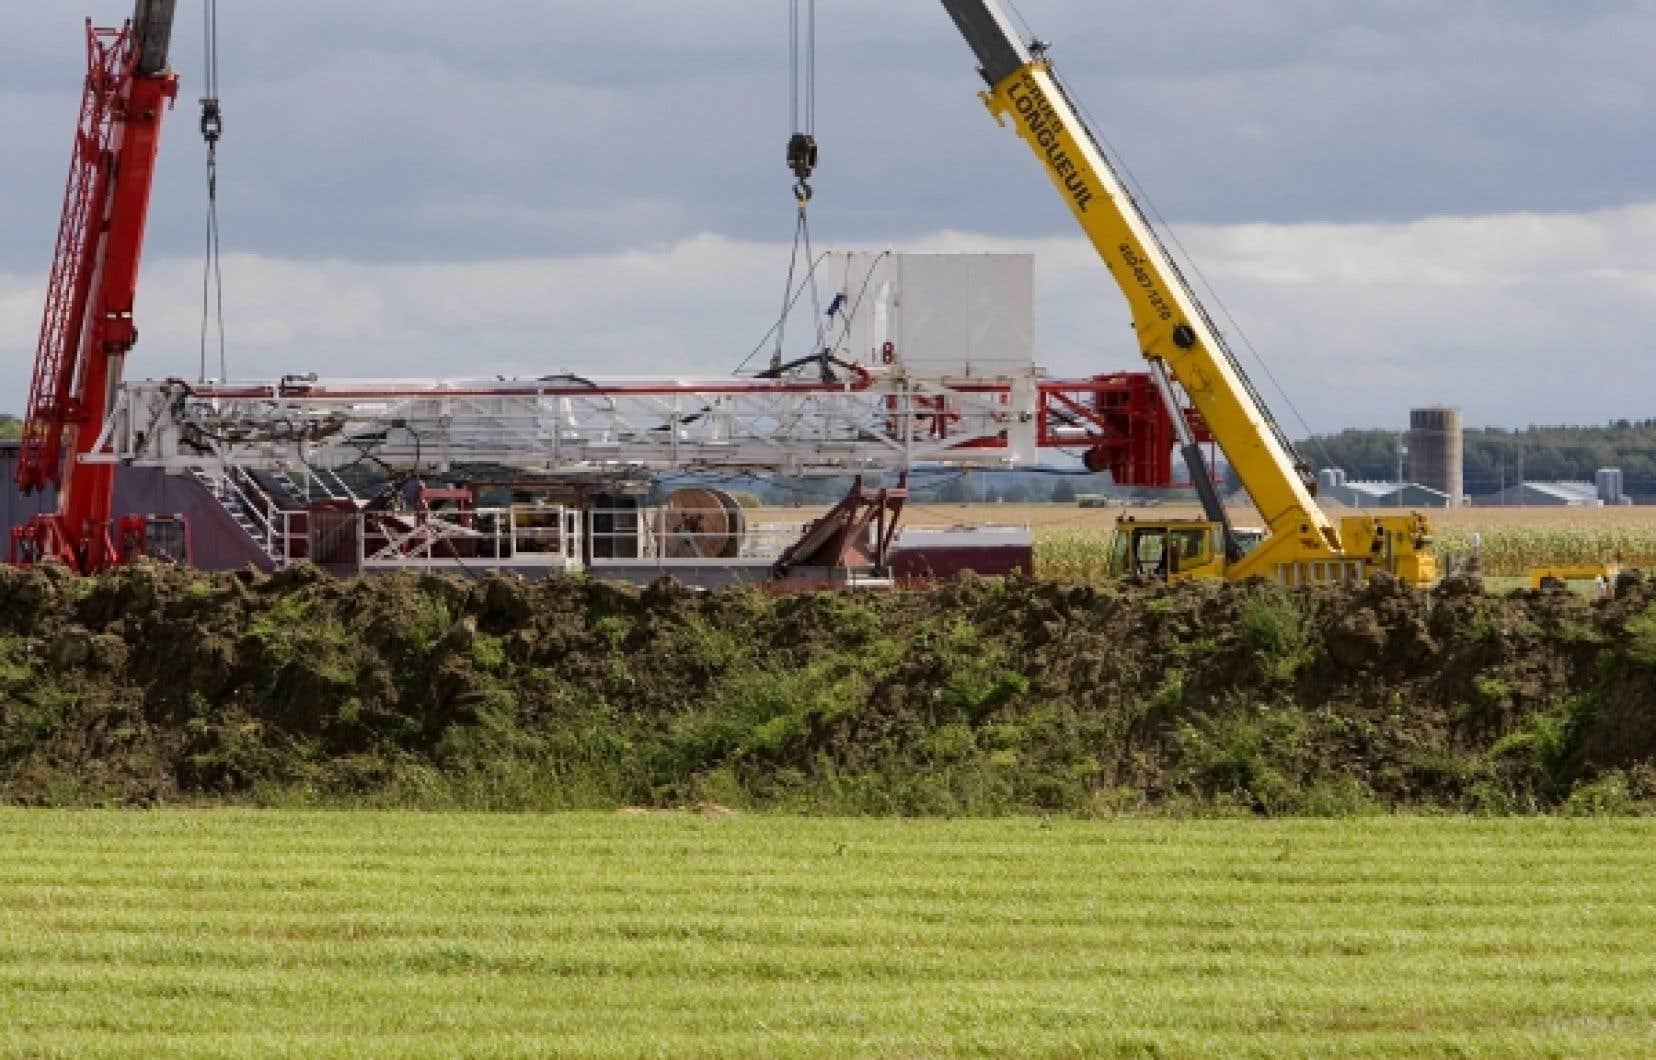 Le ministère de l'Environnement exigera dorénavant que les entreprises obtiennent un certificat d'autorisation pour la phase exploratoire lorsqu'il y a de la fracturation hydraulique.